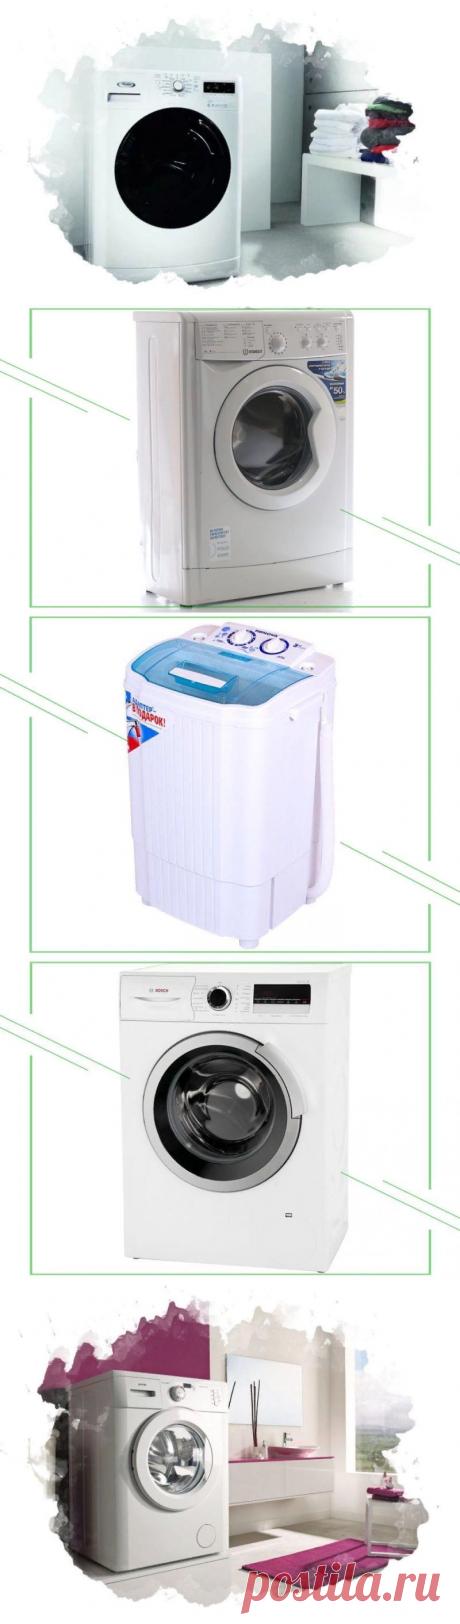 ТОП-7 самых надежных стиральных машин 2019 - 2020